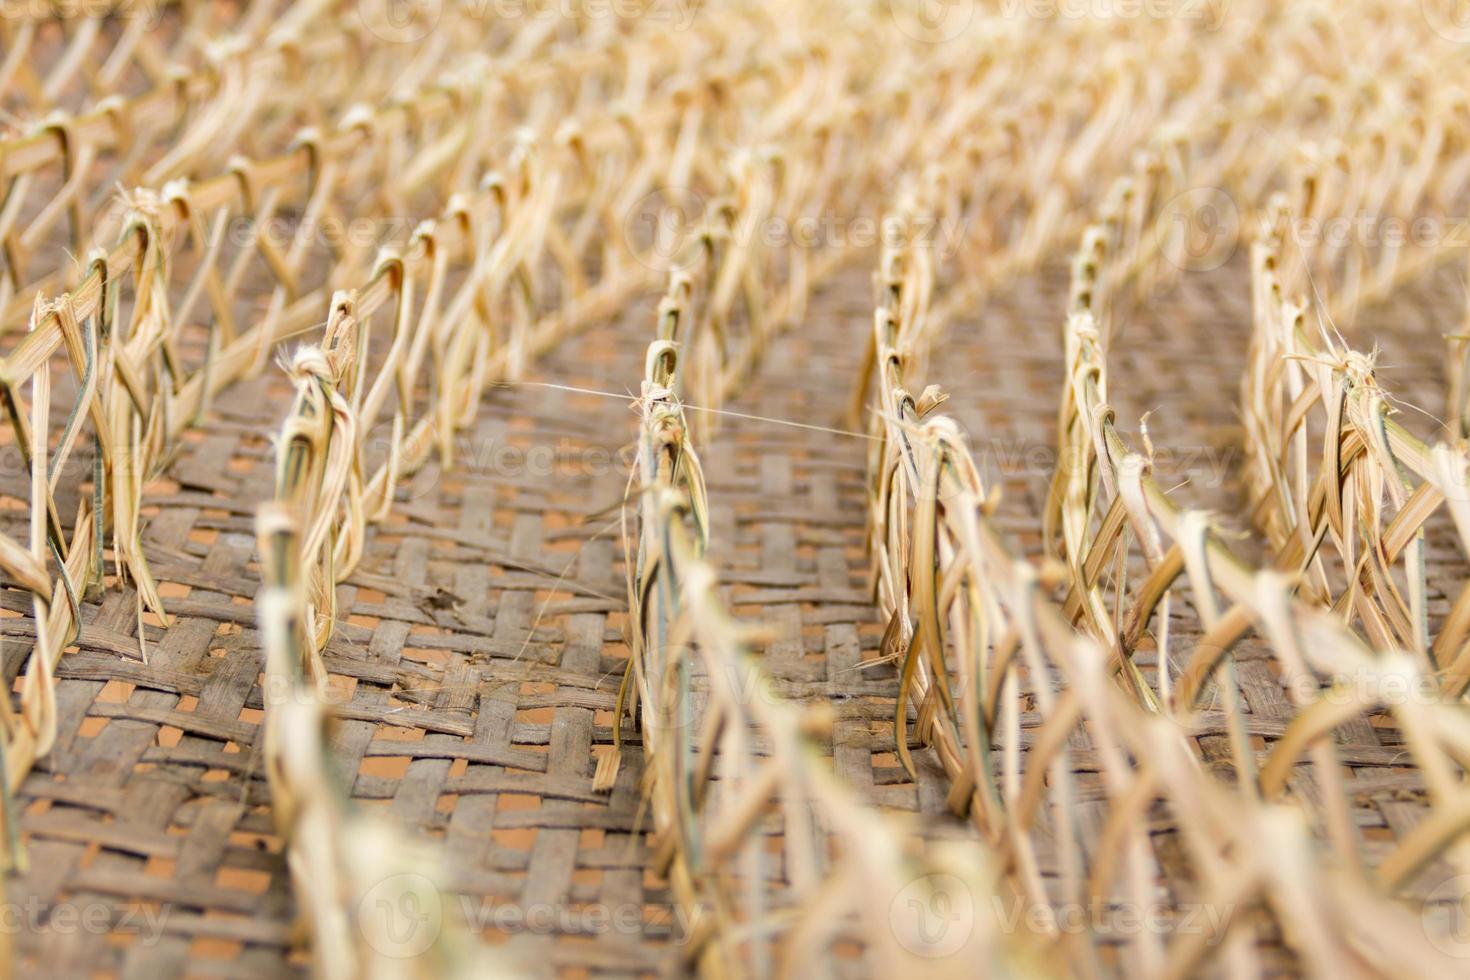 rad bambuväv, en maskkokongkorg foto